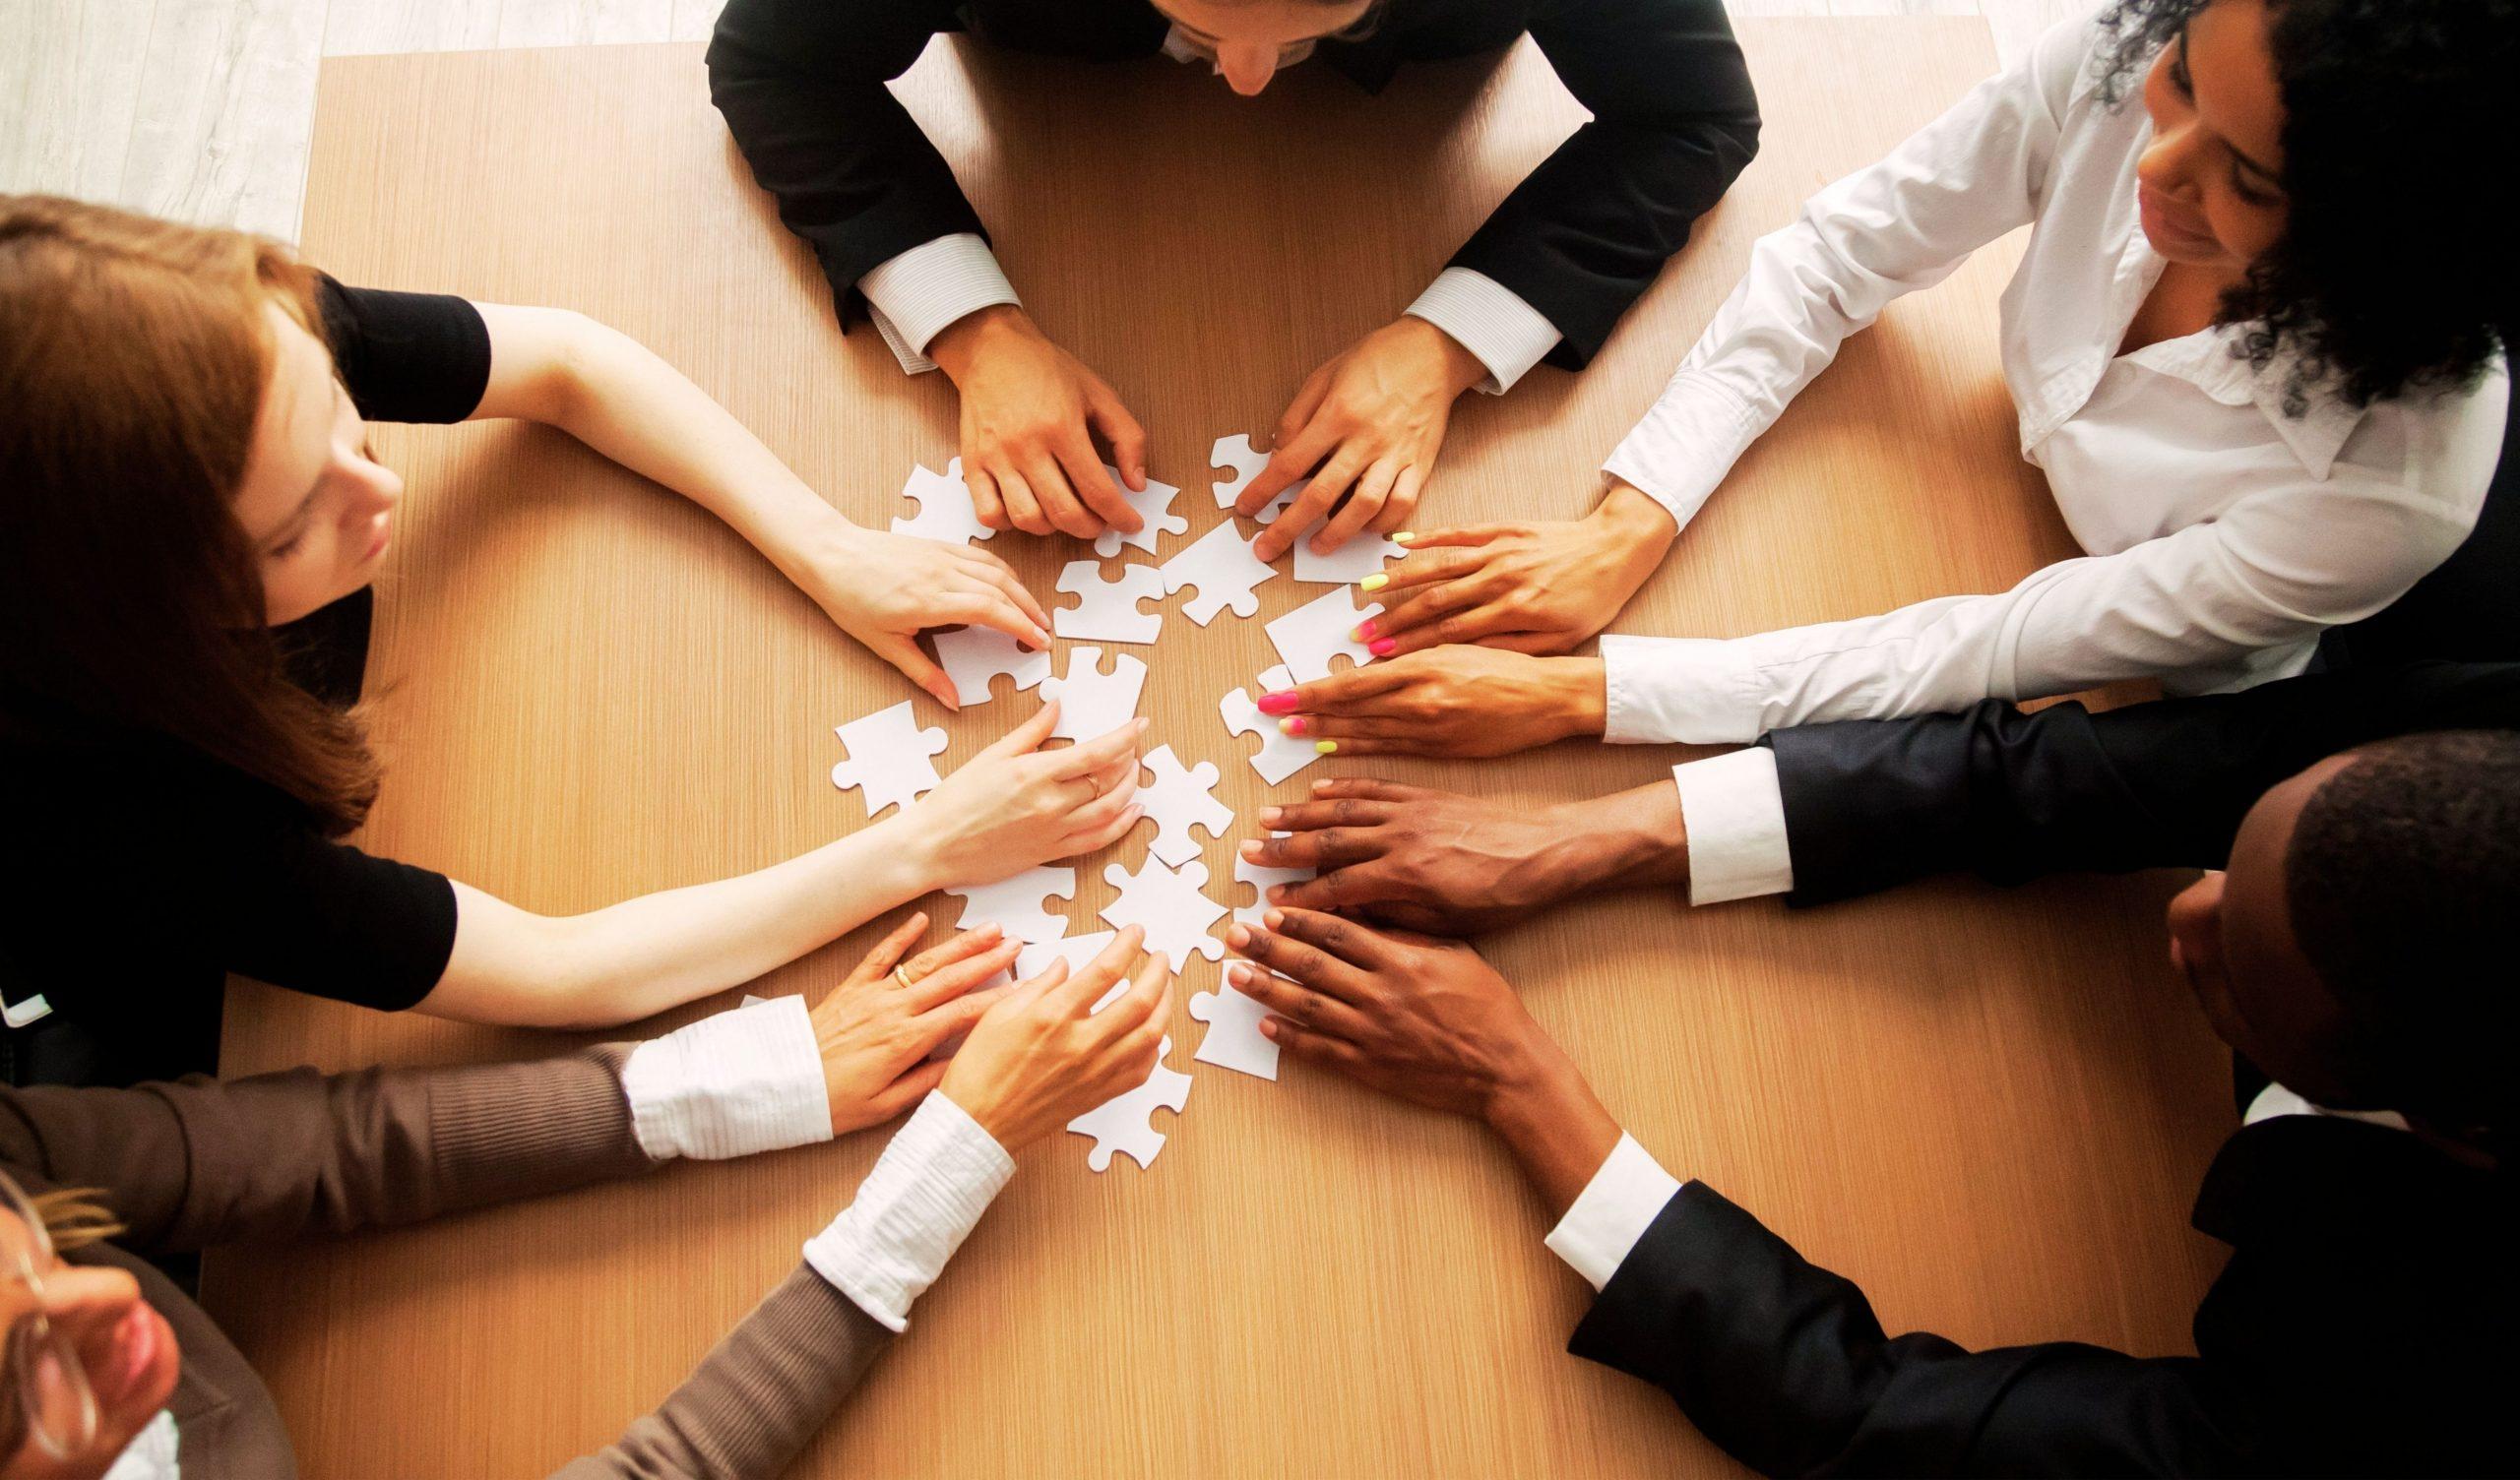 Engajamento de equipe